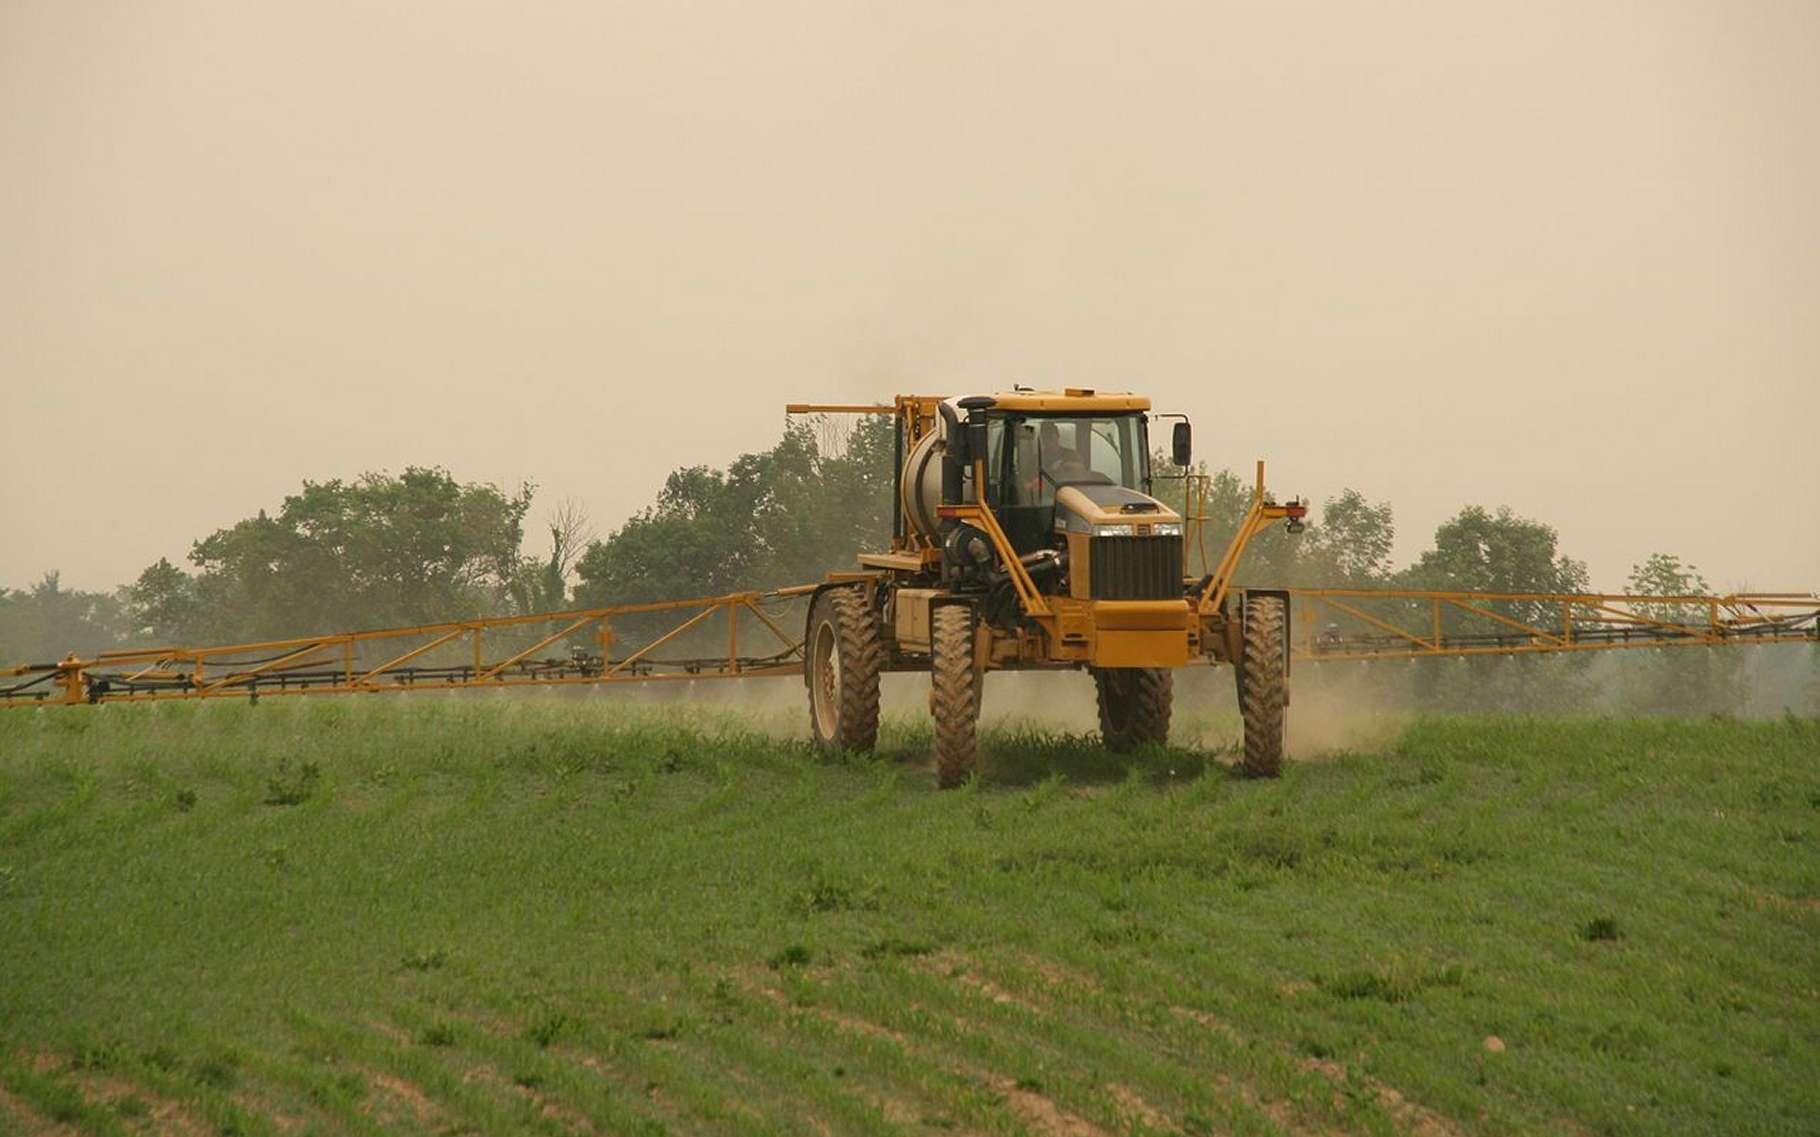 Les pesticides utilisés dans les cultures se répandent aux alentours. Les agriculteurs et les maisons avoisinantes y sont donc exposés. © Pl77, Wikimedia Commons, CC by 3.0